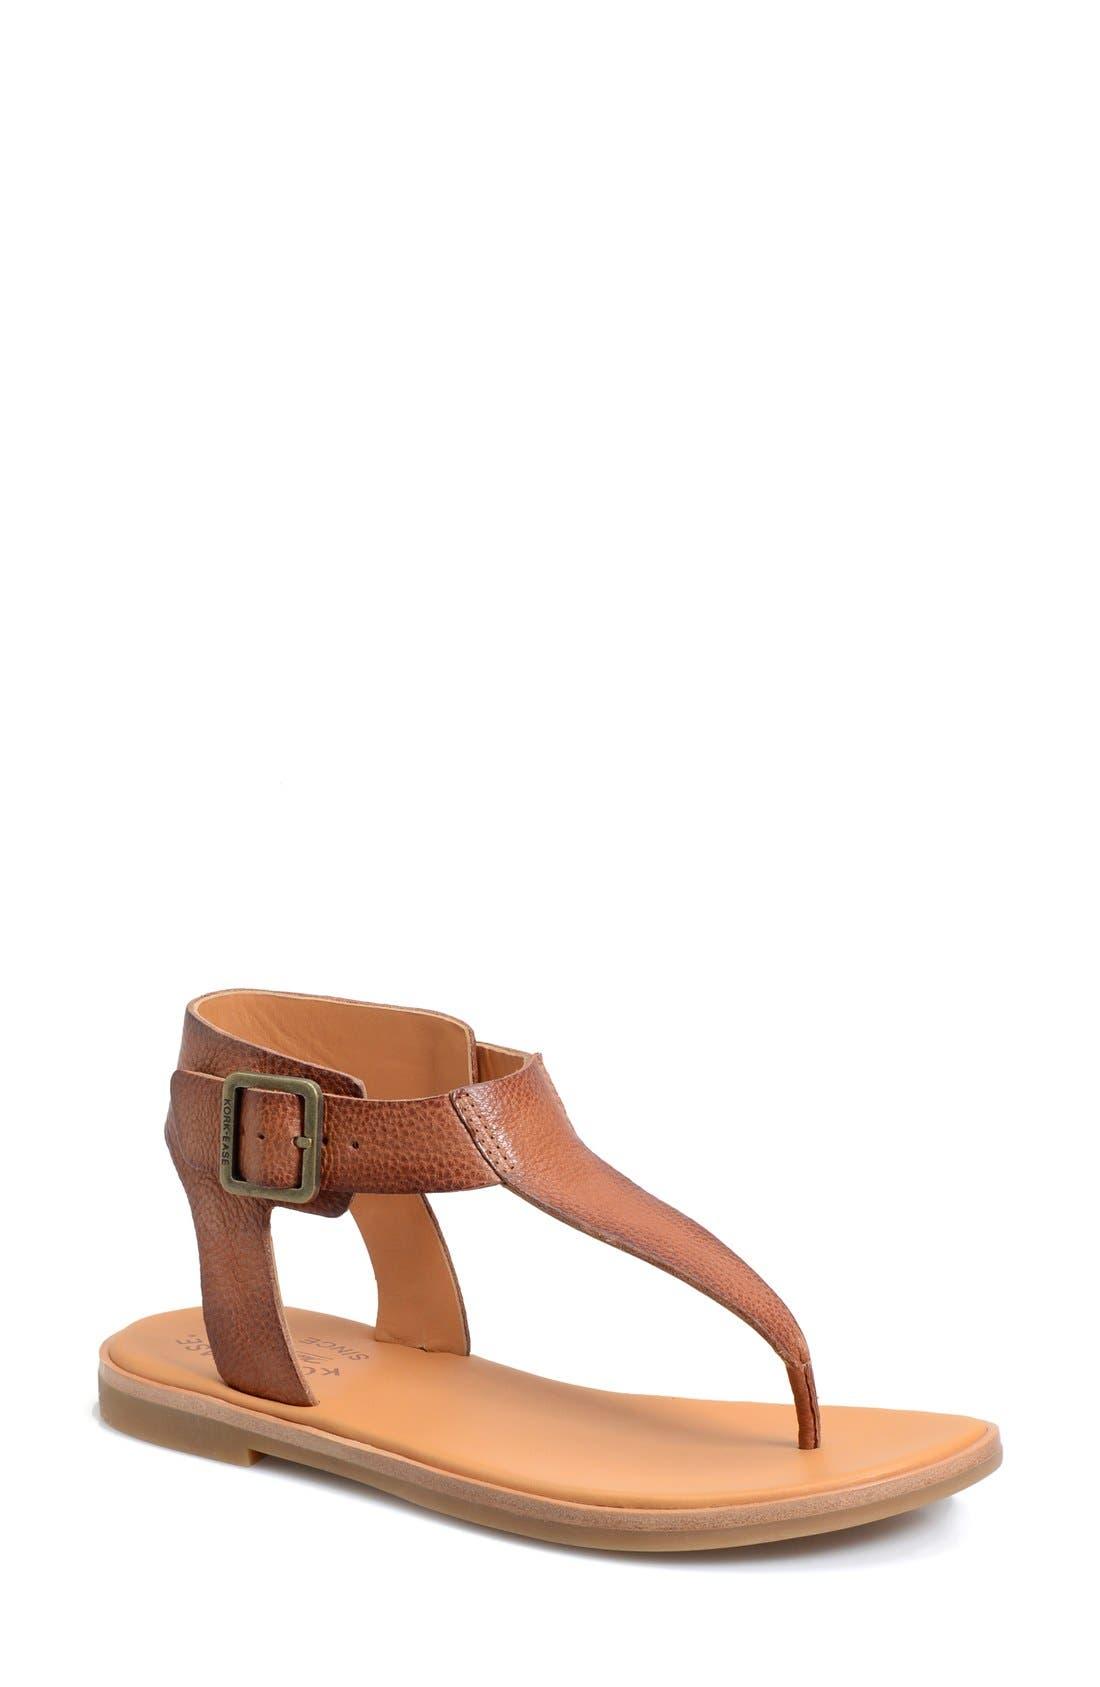 Main Image - Kork-Ease® 'Catriona' Flat Sandal (Women)